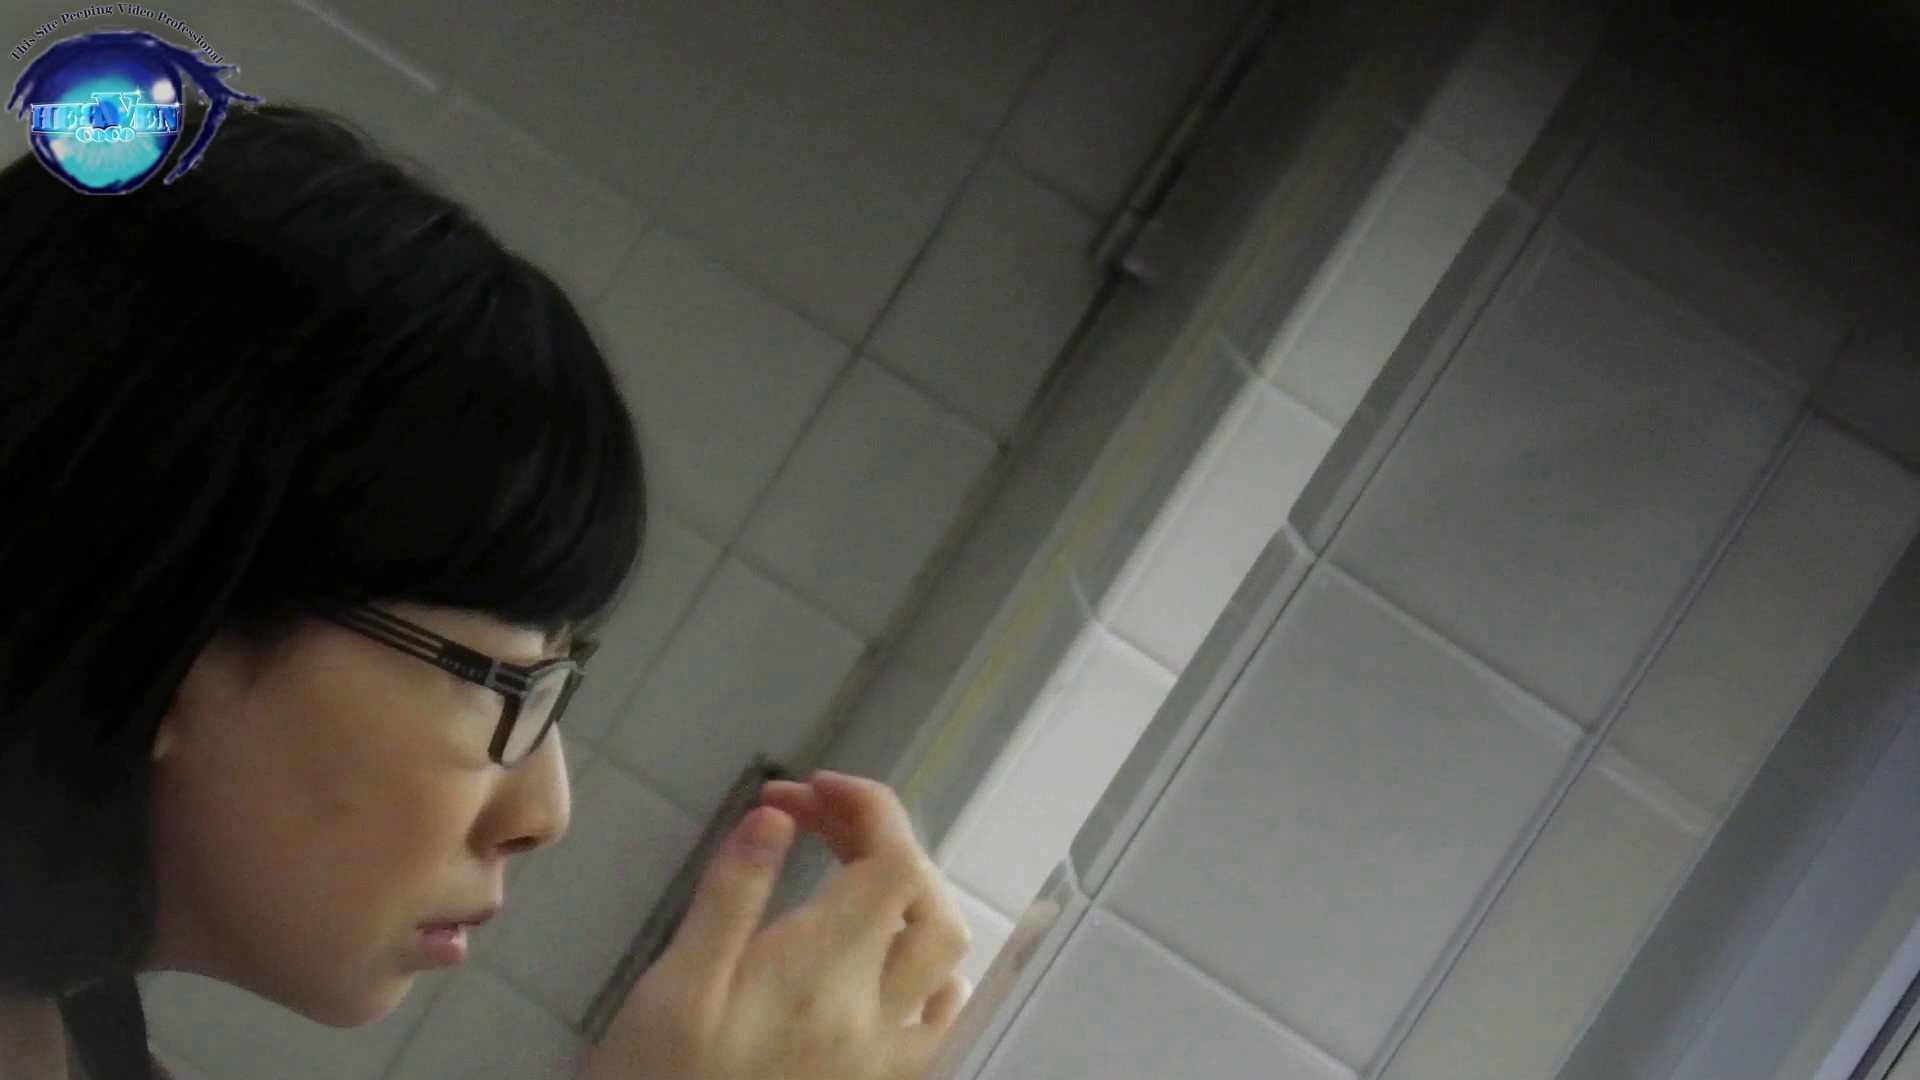 お銀さん vol.59 ピンチ!!「鏡の前で祈る女性」にばれる危機 前編 美人  108連発 26